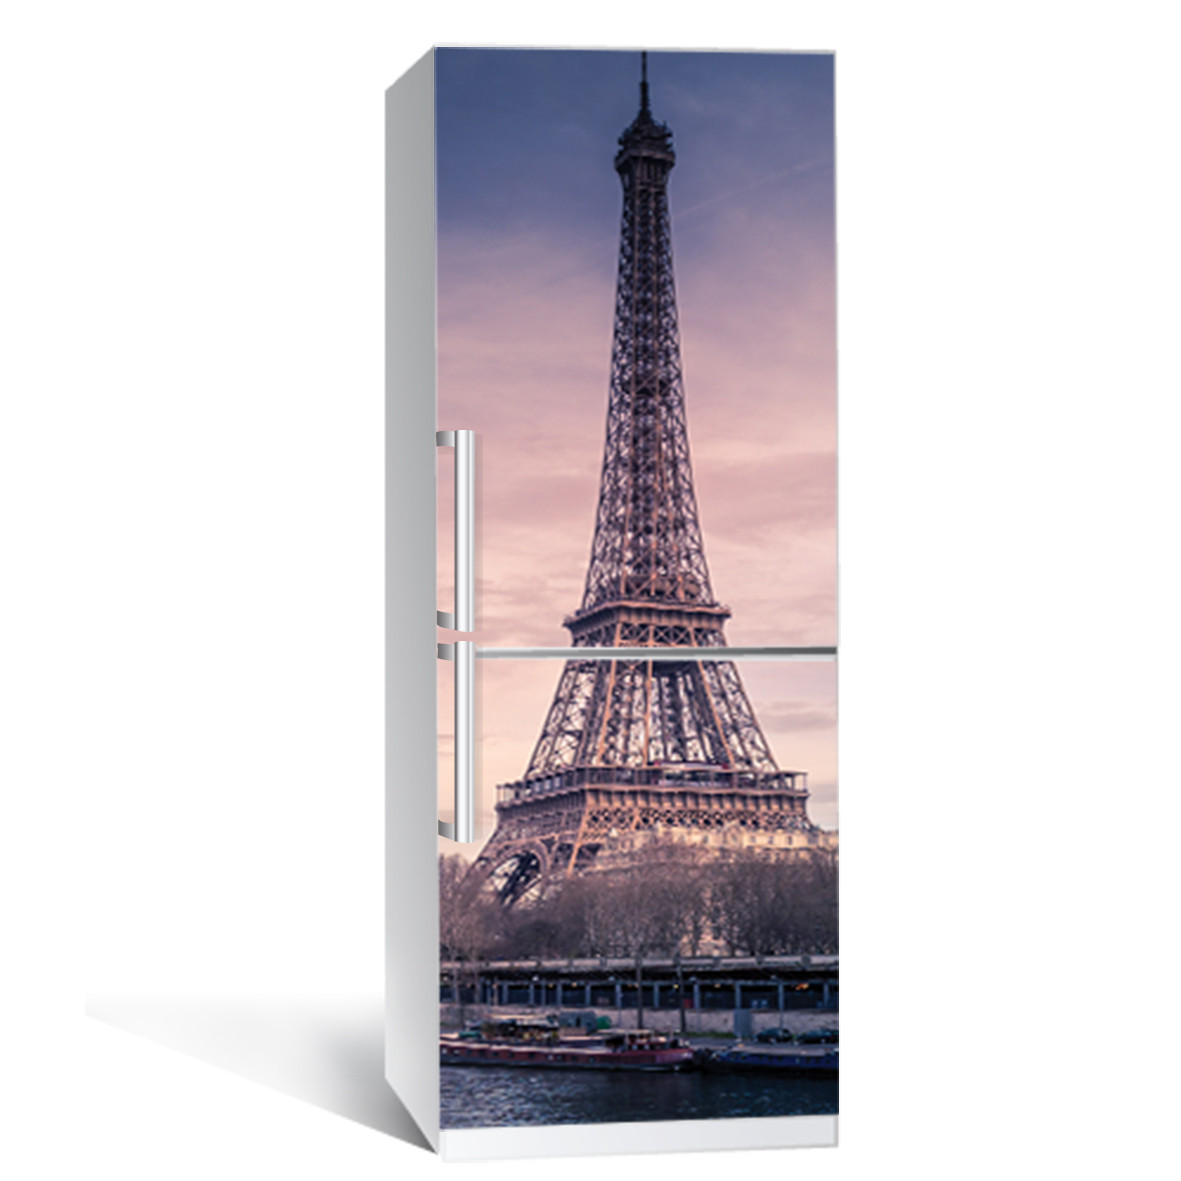 Виниловая наклейка на холодильник Река в Париже ламинированная двойная (пленка фотопечать Эйфелева башня)